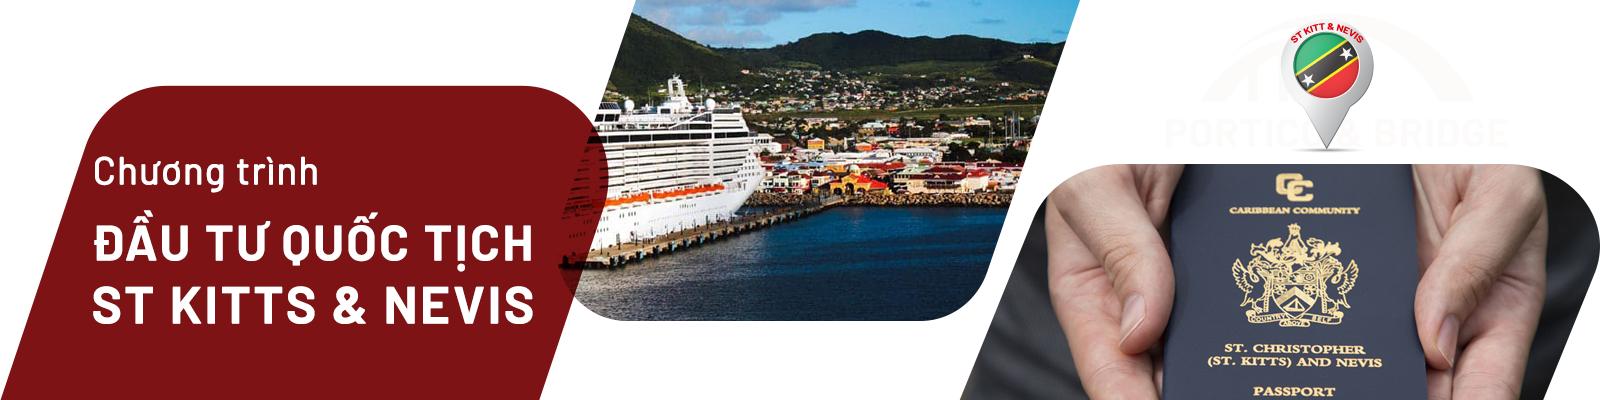 Chương trình Đầu tư lấy quốc tịch St. Kitts and Nevis